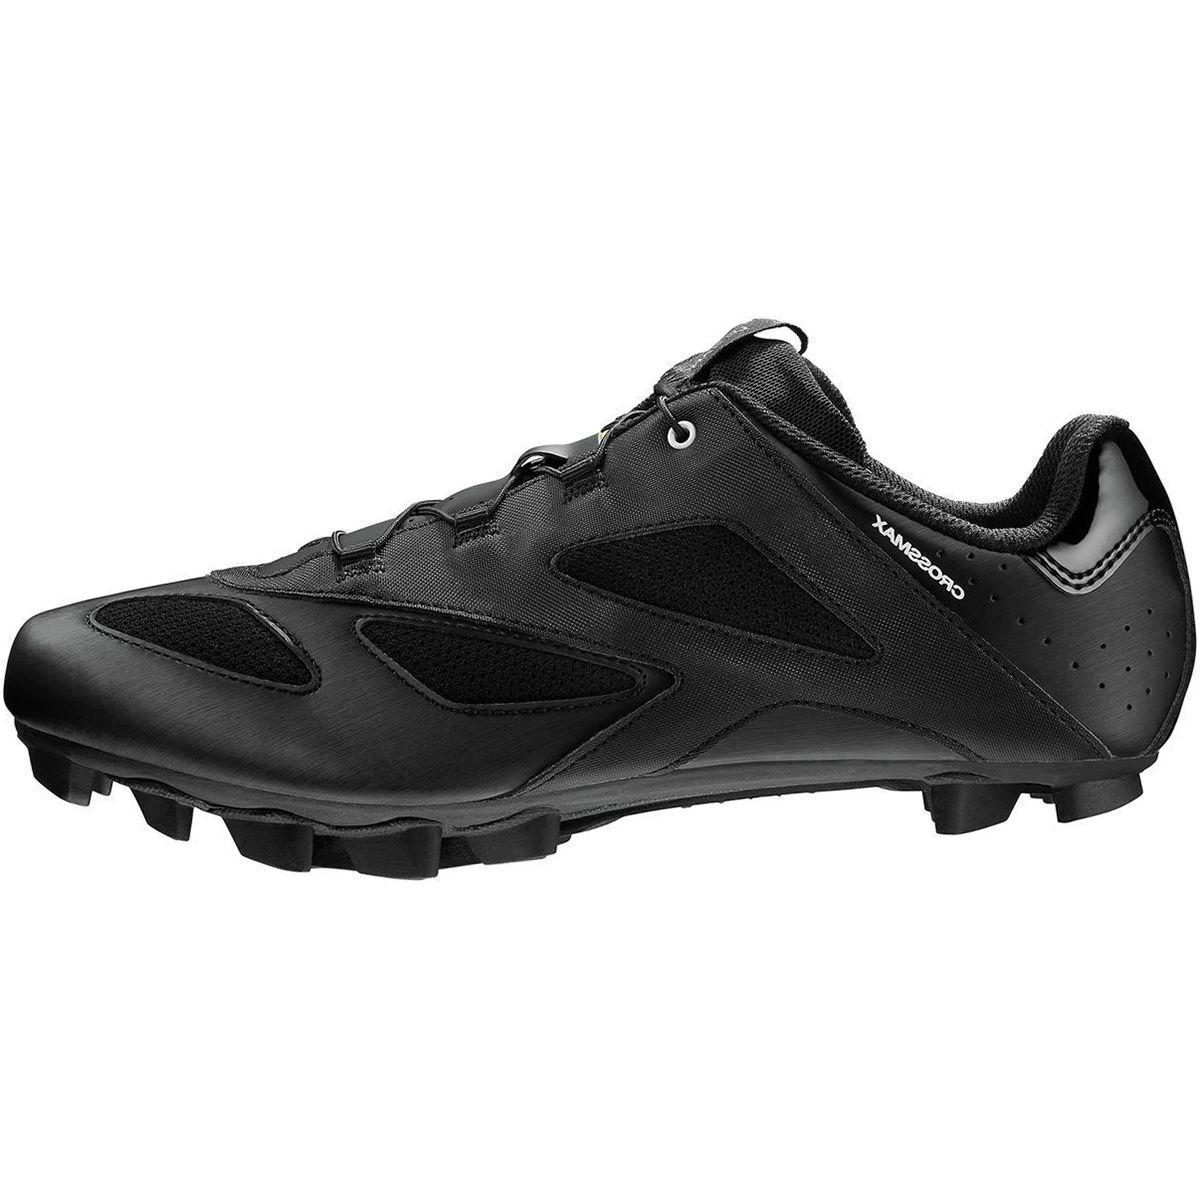 Mavic Crossmax Cycling Shoe - Men's